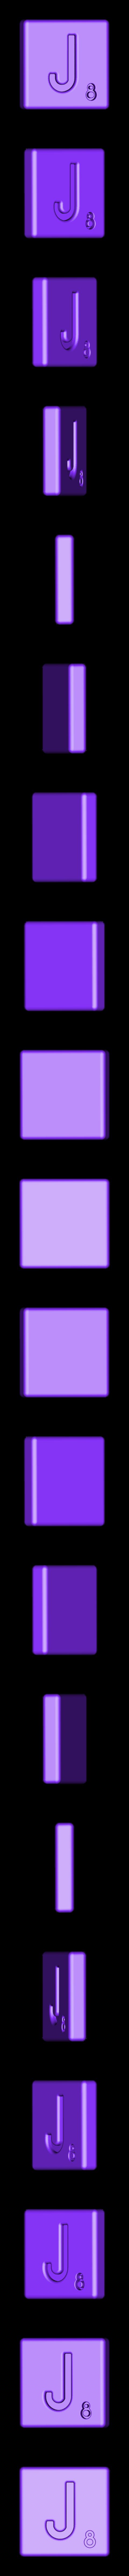 Single_Cut_J.STL Télécharger fichier STL gratuit Pièces et support SCRABBBLE • Design pour imprimante 3D, Balkhagal4D